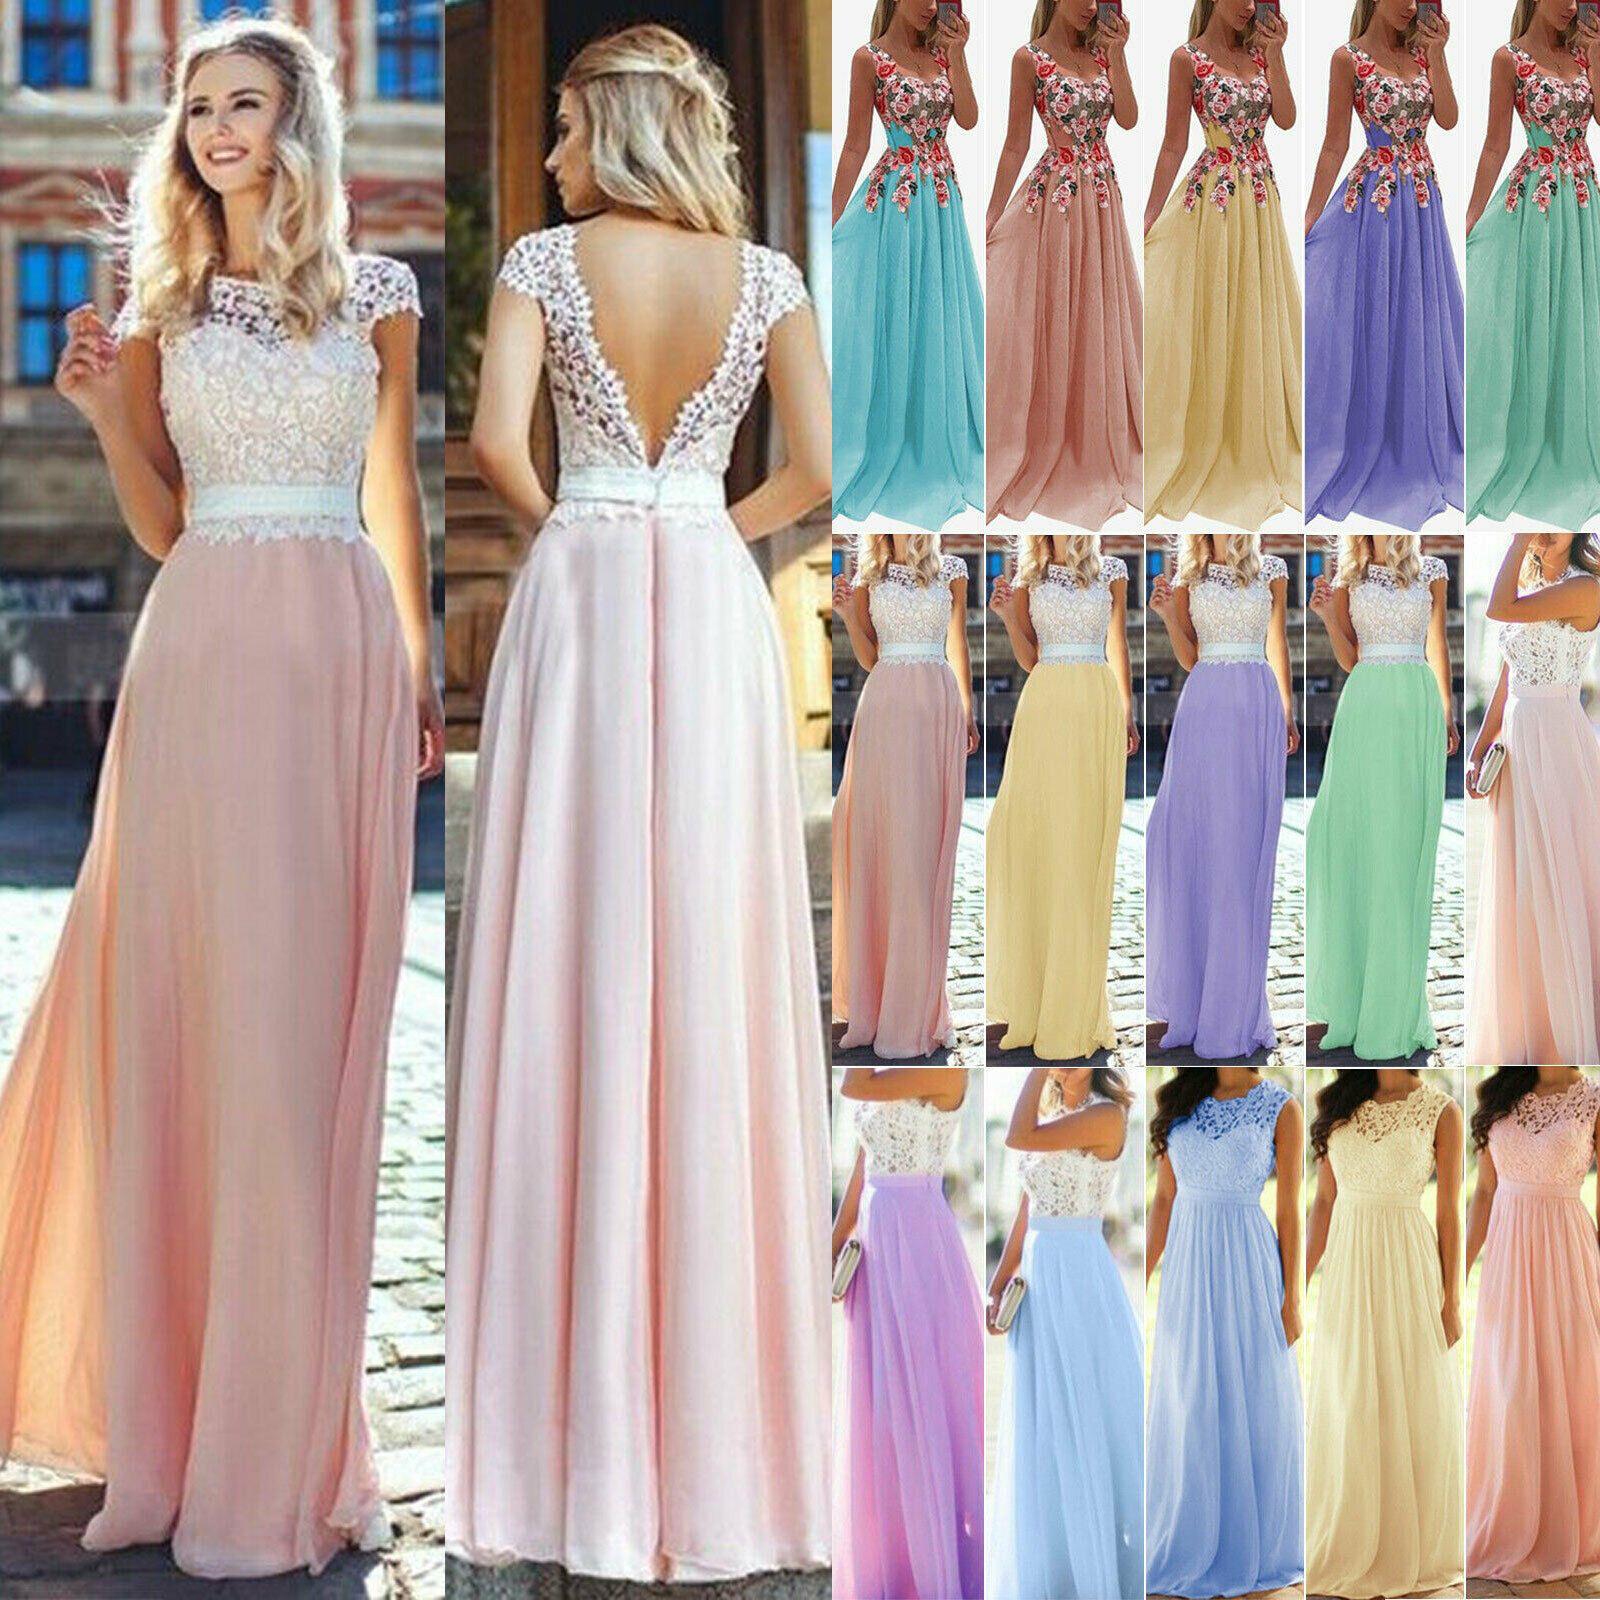 10 Perfekt Lange Kleider Für Hochzeit BoutiqueAbend Wunderbar Lange Kleider Für Hochzeit Boutique